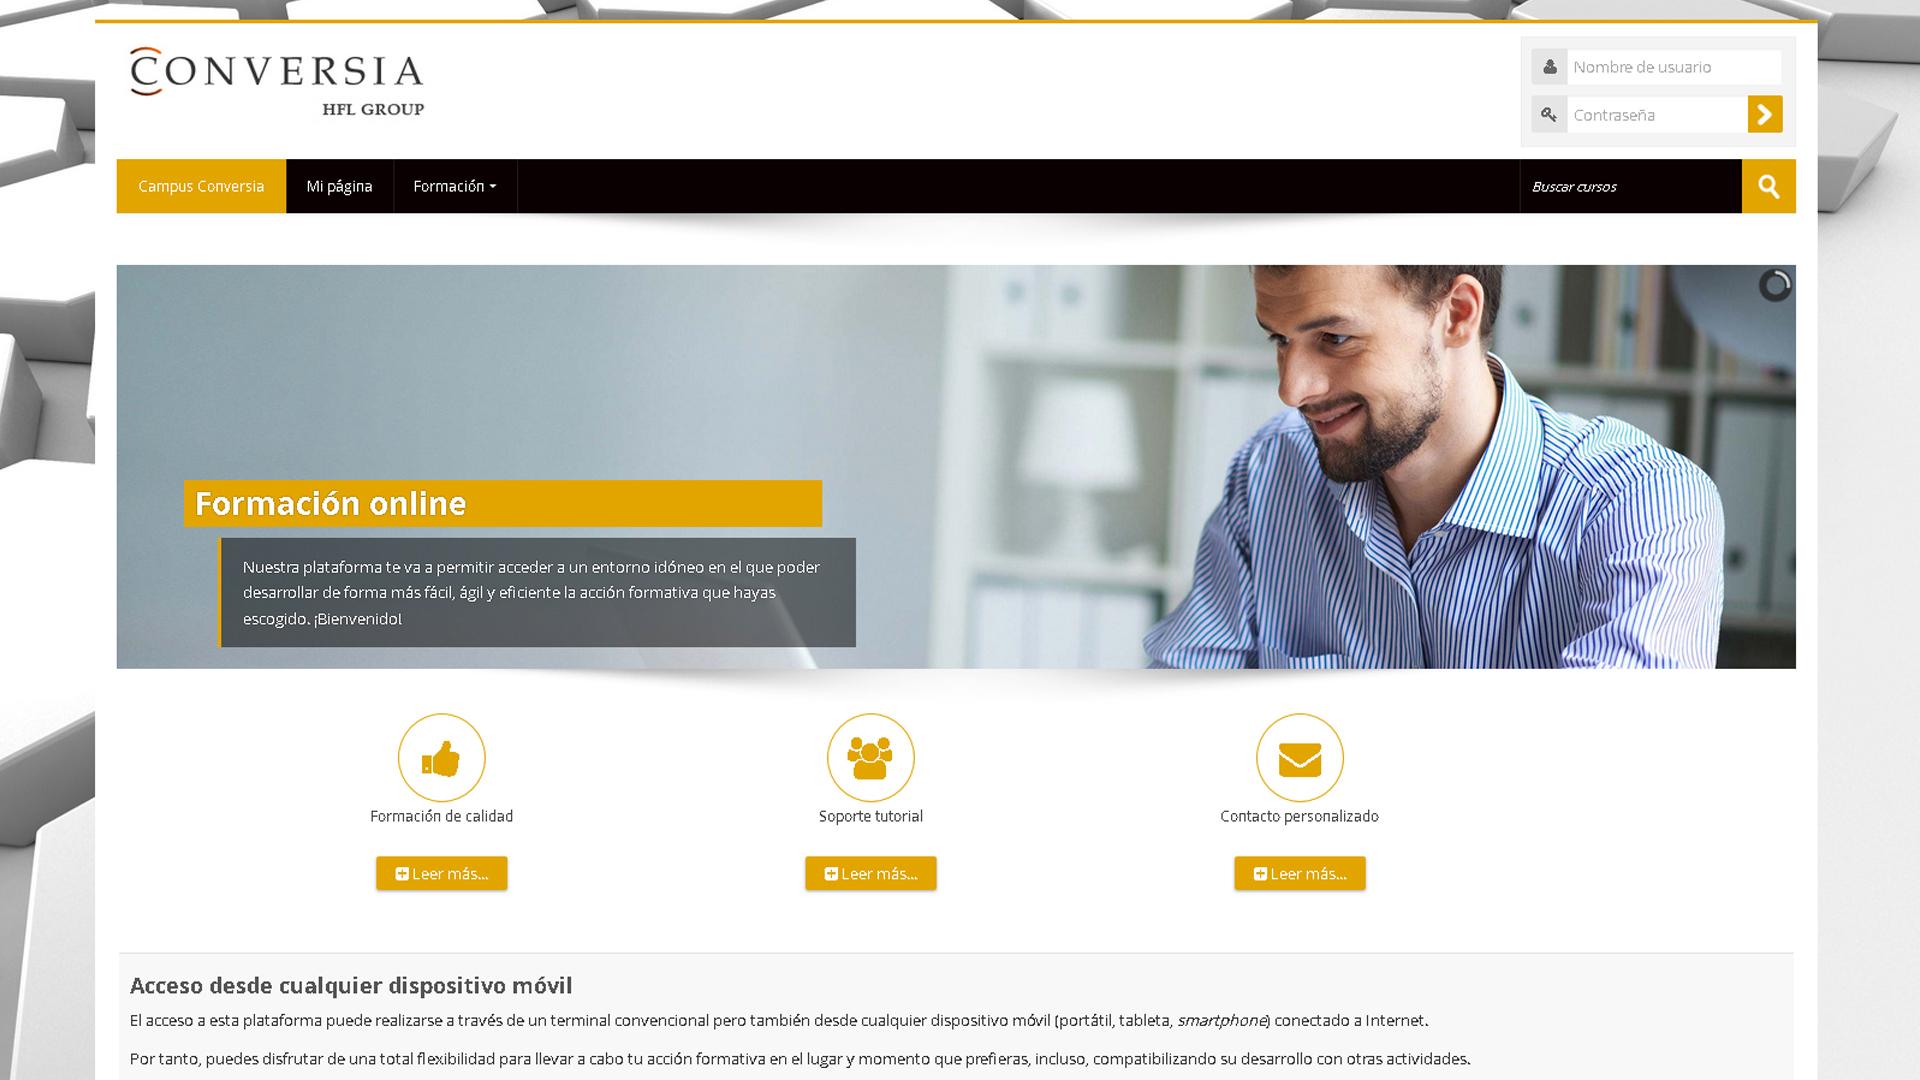 Conversia ofrece servicios de formación online